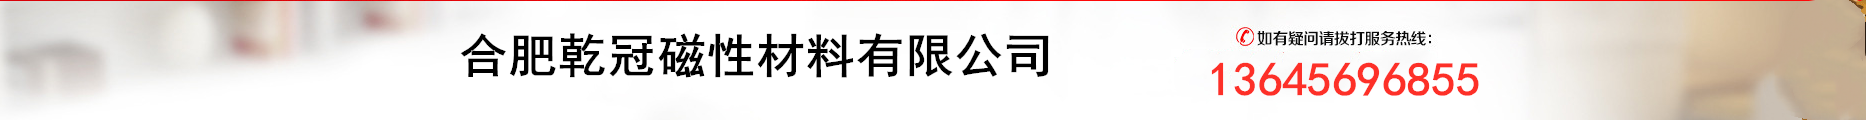 55_副本.png